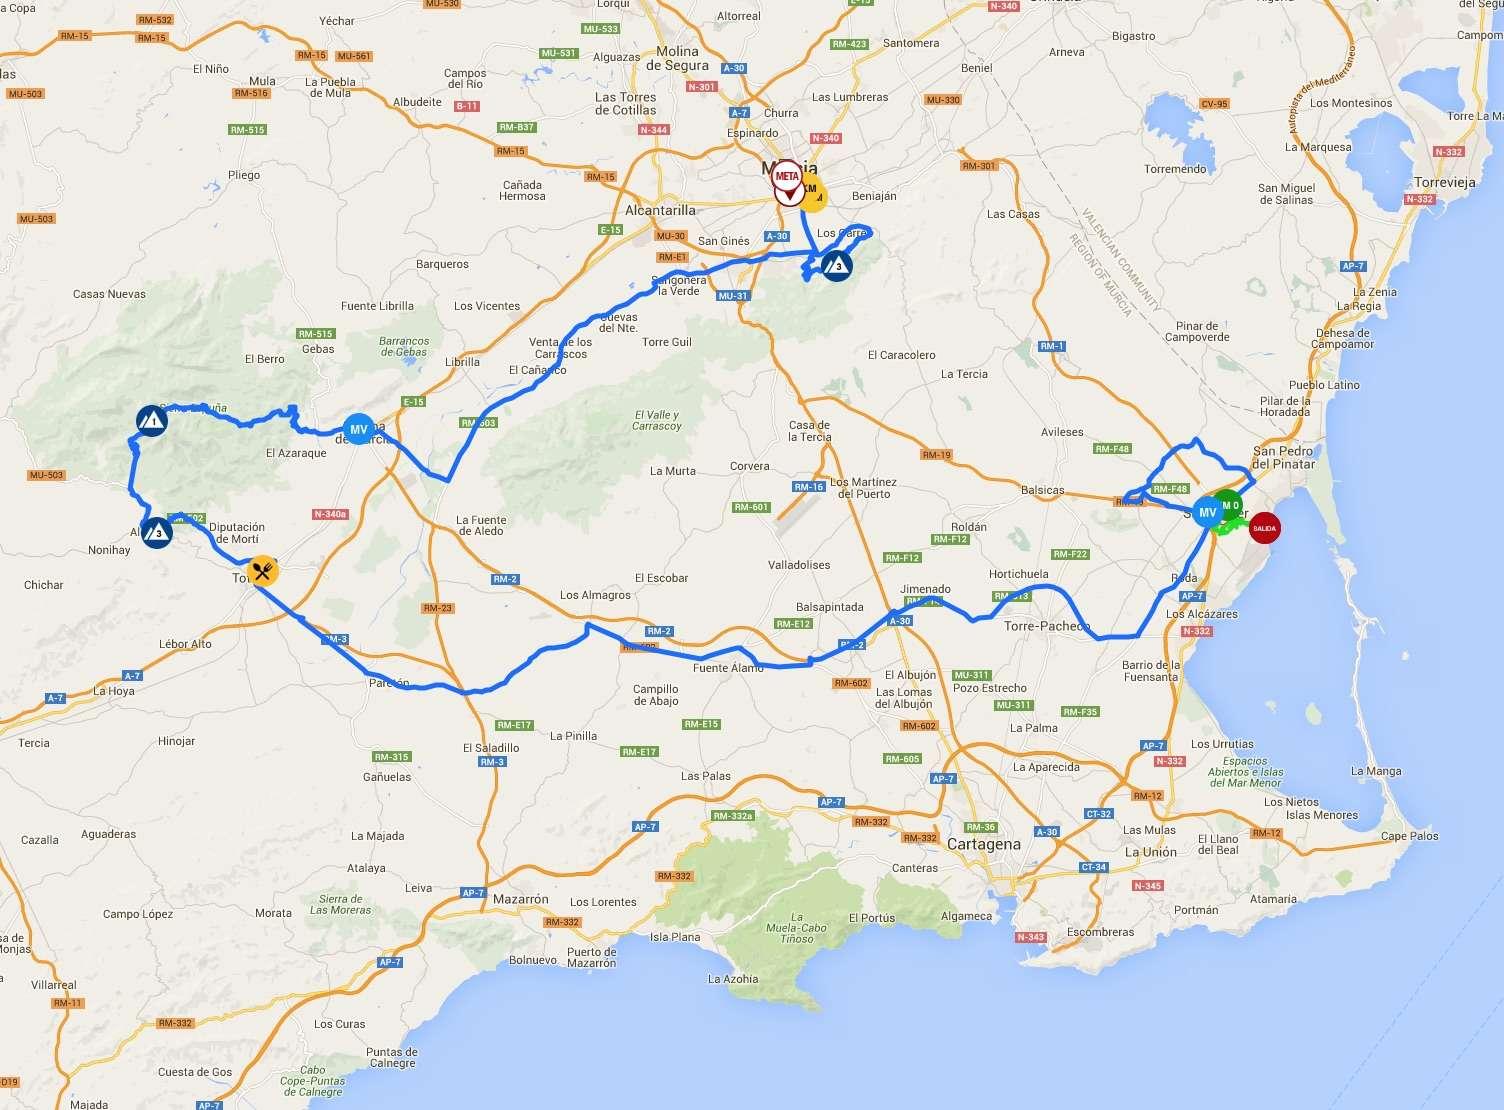 planimetria 2016 » Vuelta Ciclista a la Region de Murcia Costa Calida - San Javier › Murcia (199.3 km)